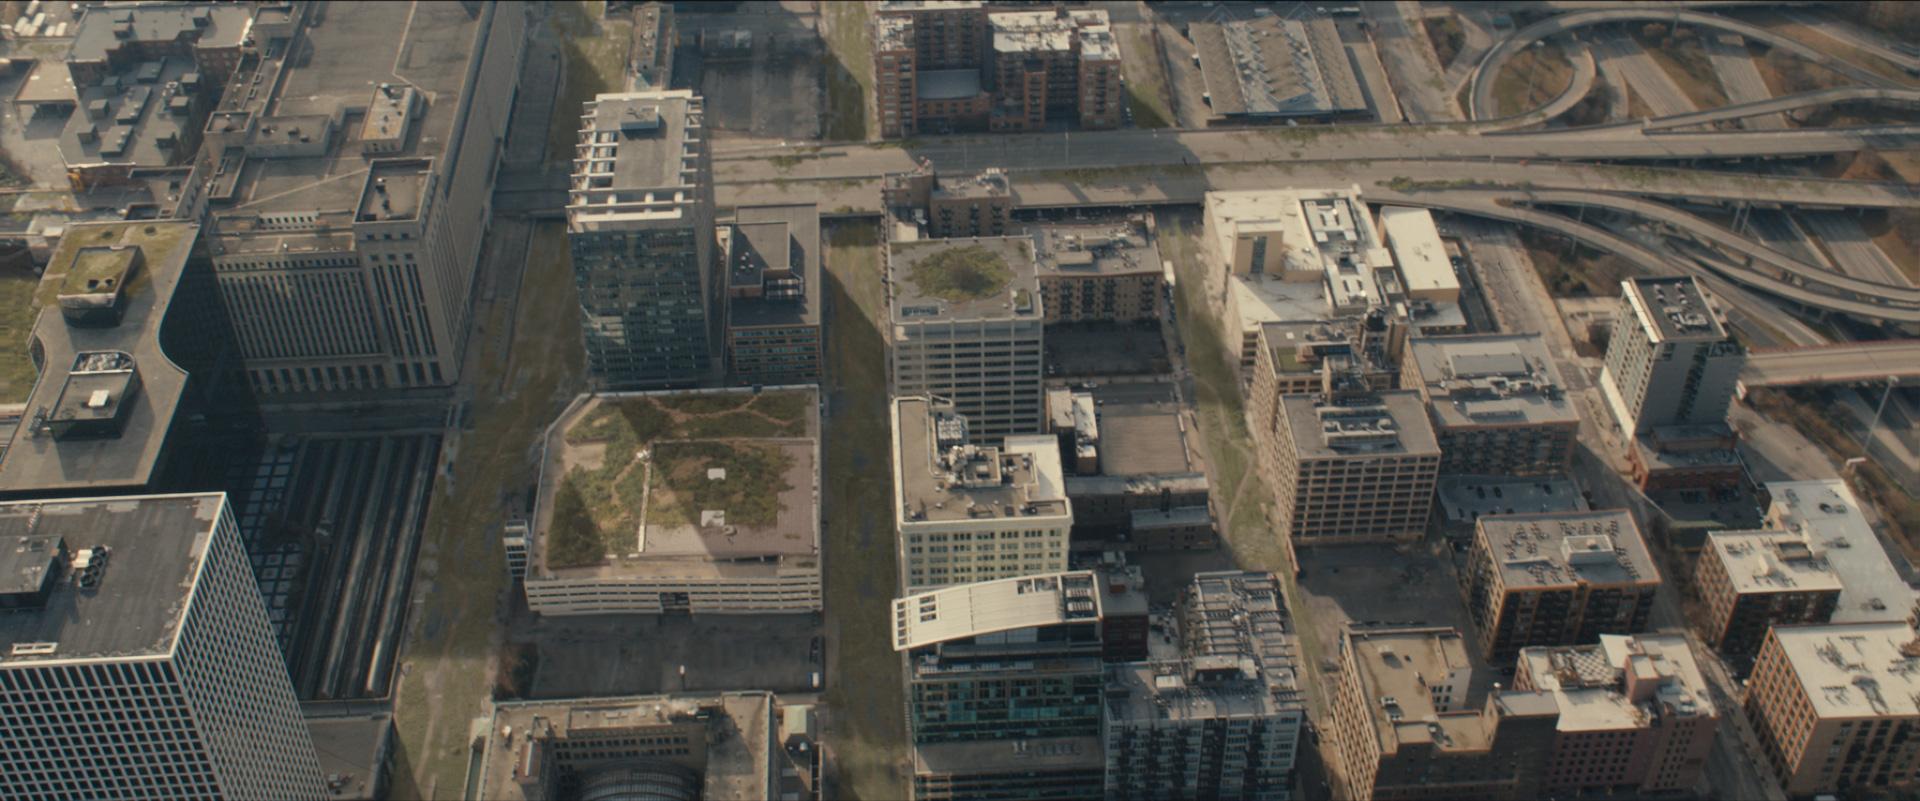 divergent-aerial1-chris-sanchez.jpg